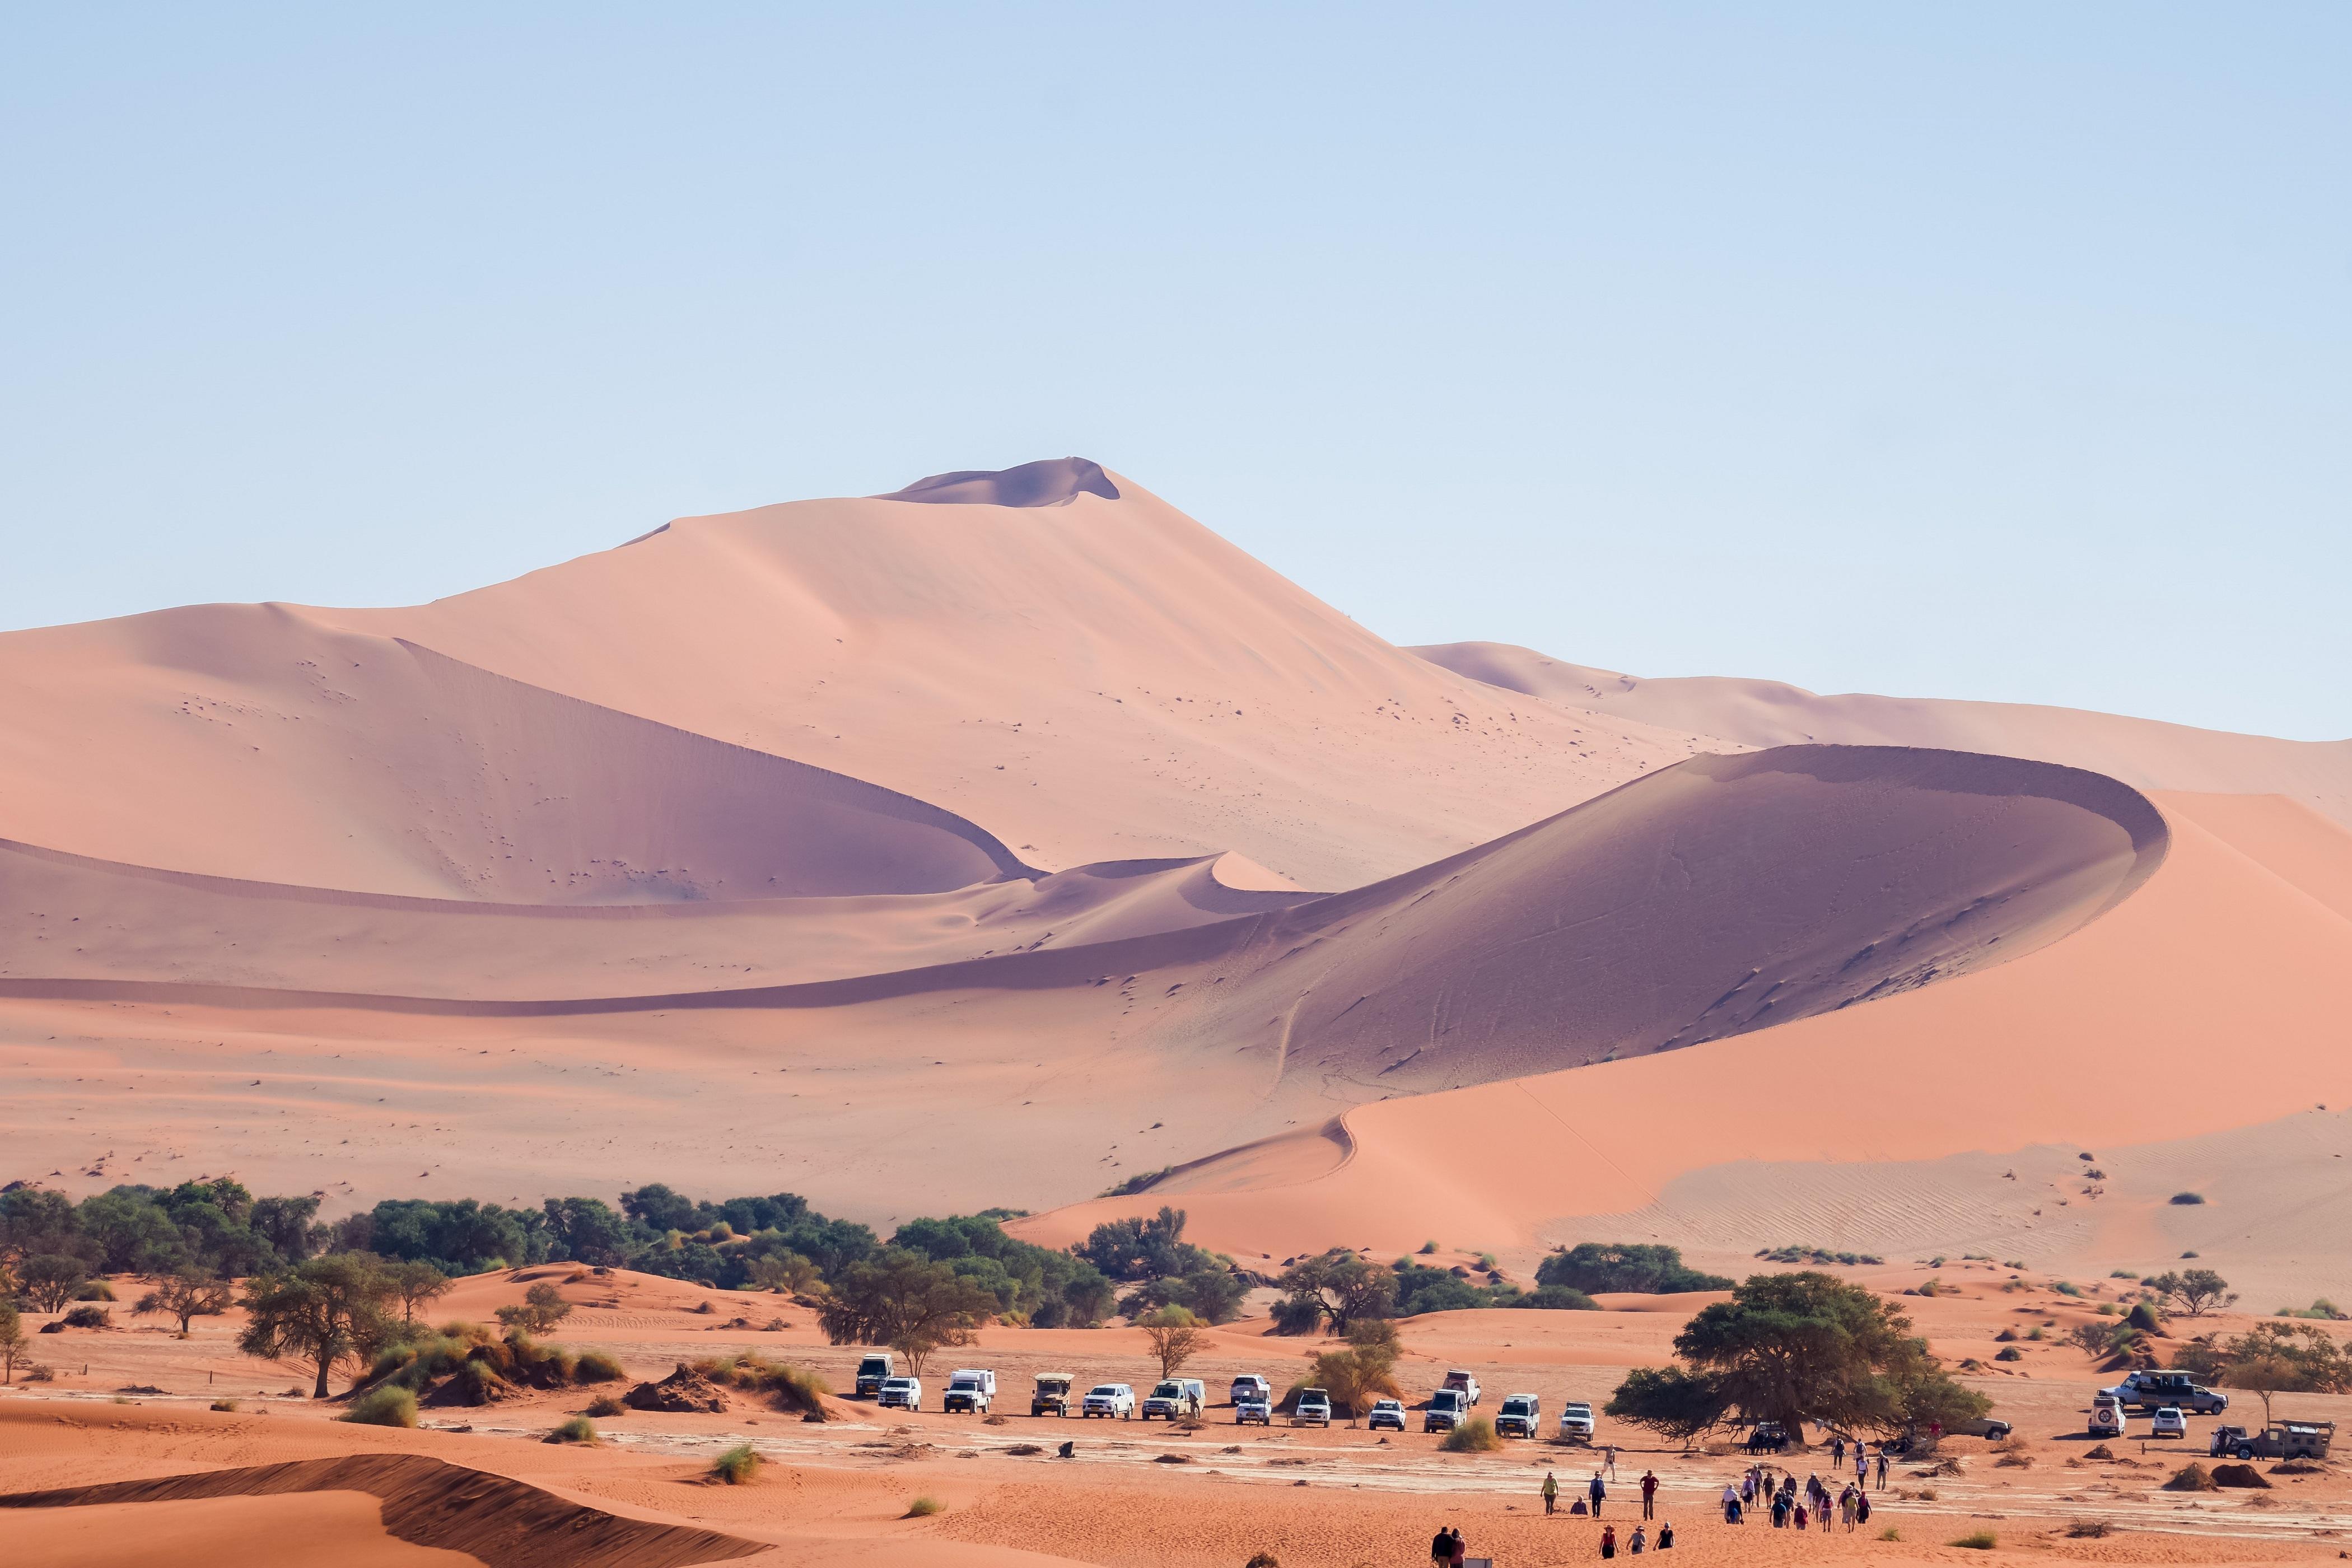 Namibia - den tham thung lung chet, thanh pho ma va dieu khong tuong hinh anh 41